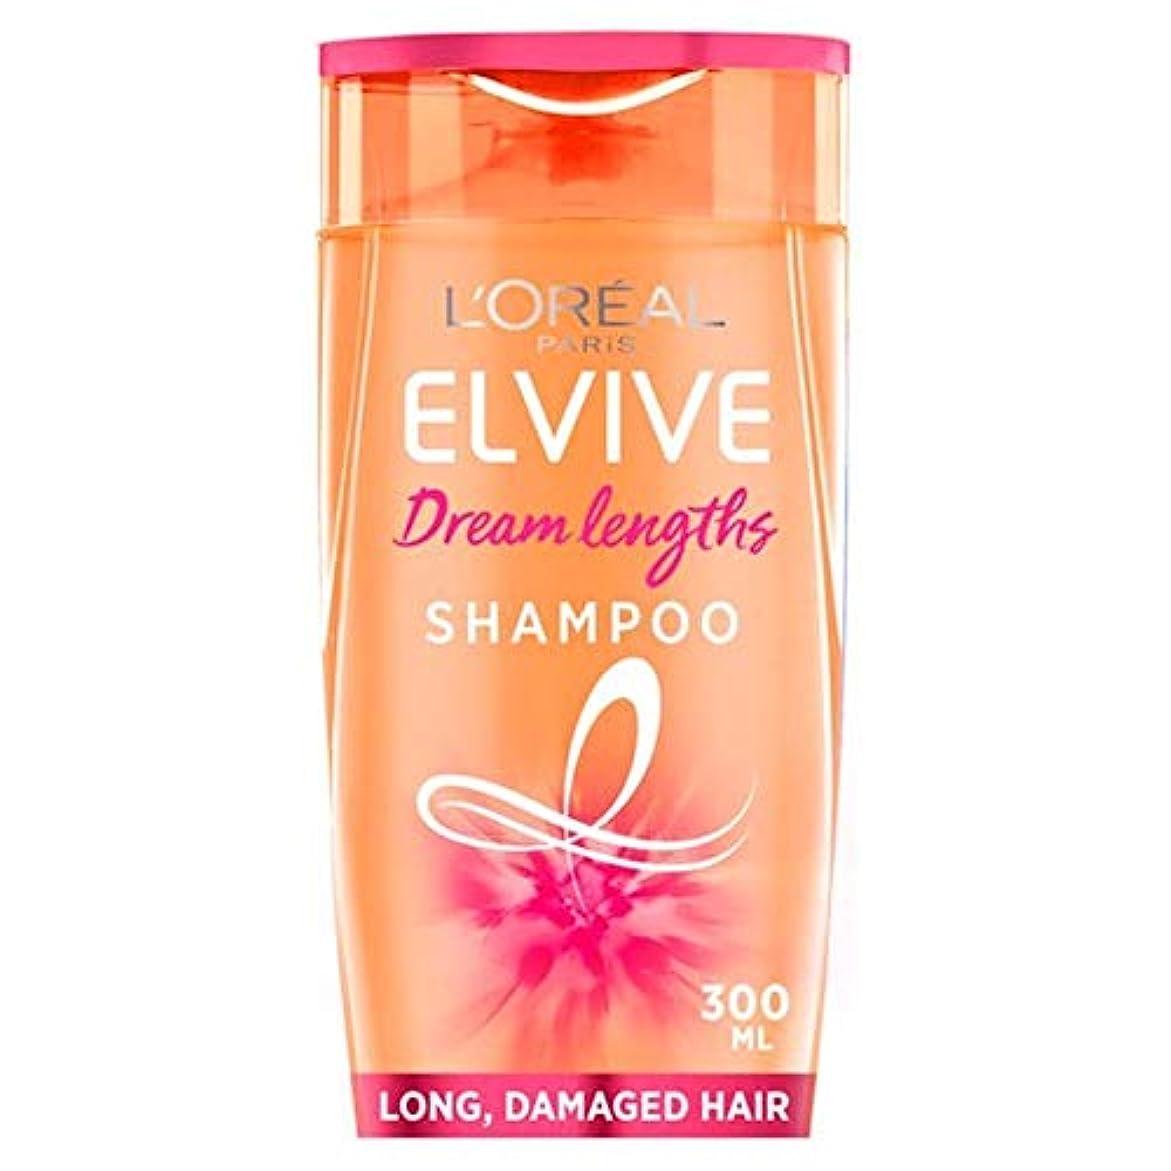 データ誠意病な[Elvive] ロレアルはElvive長さのヘアシャンプー300ミリリットルの夢 - L'oreal Elvive Dream Lengths Hair Shampoo 300Ml [並行輸入品]